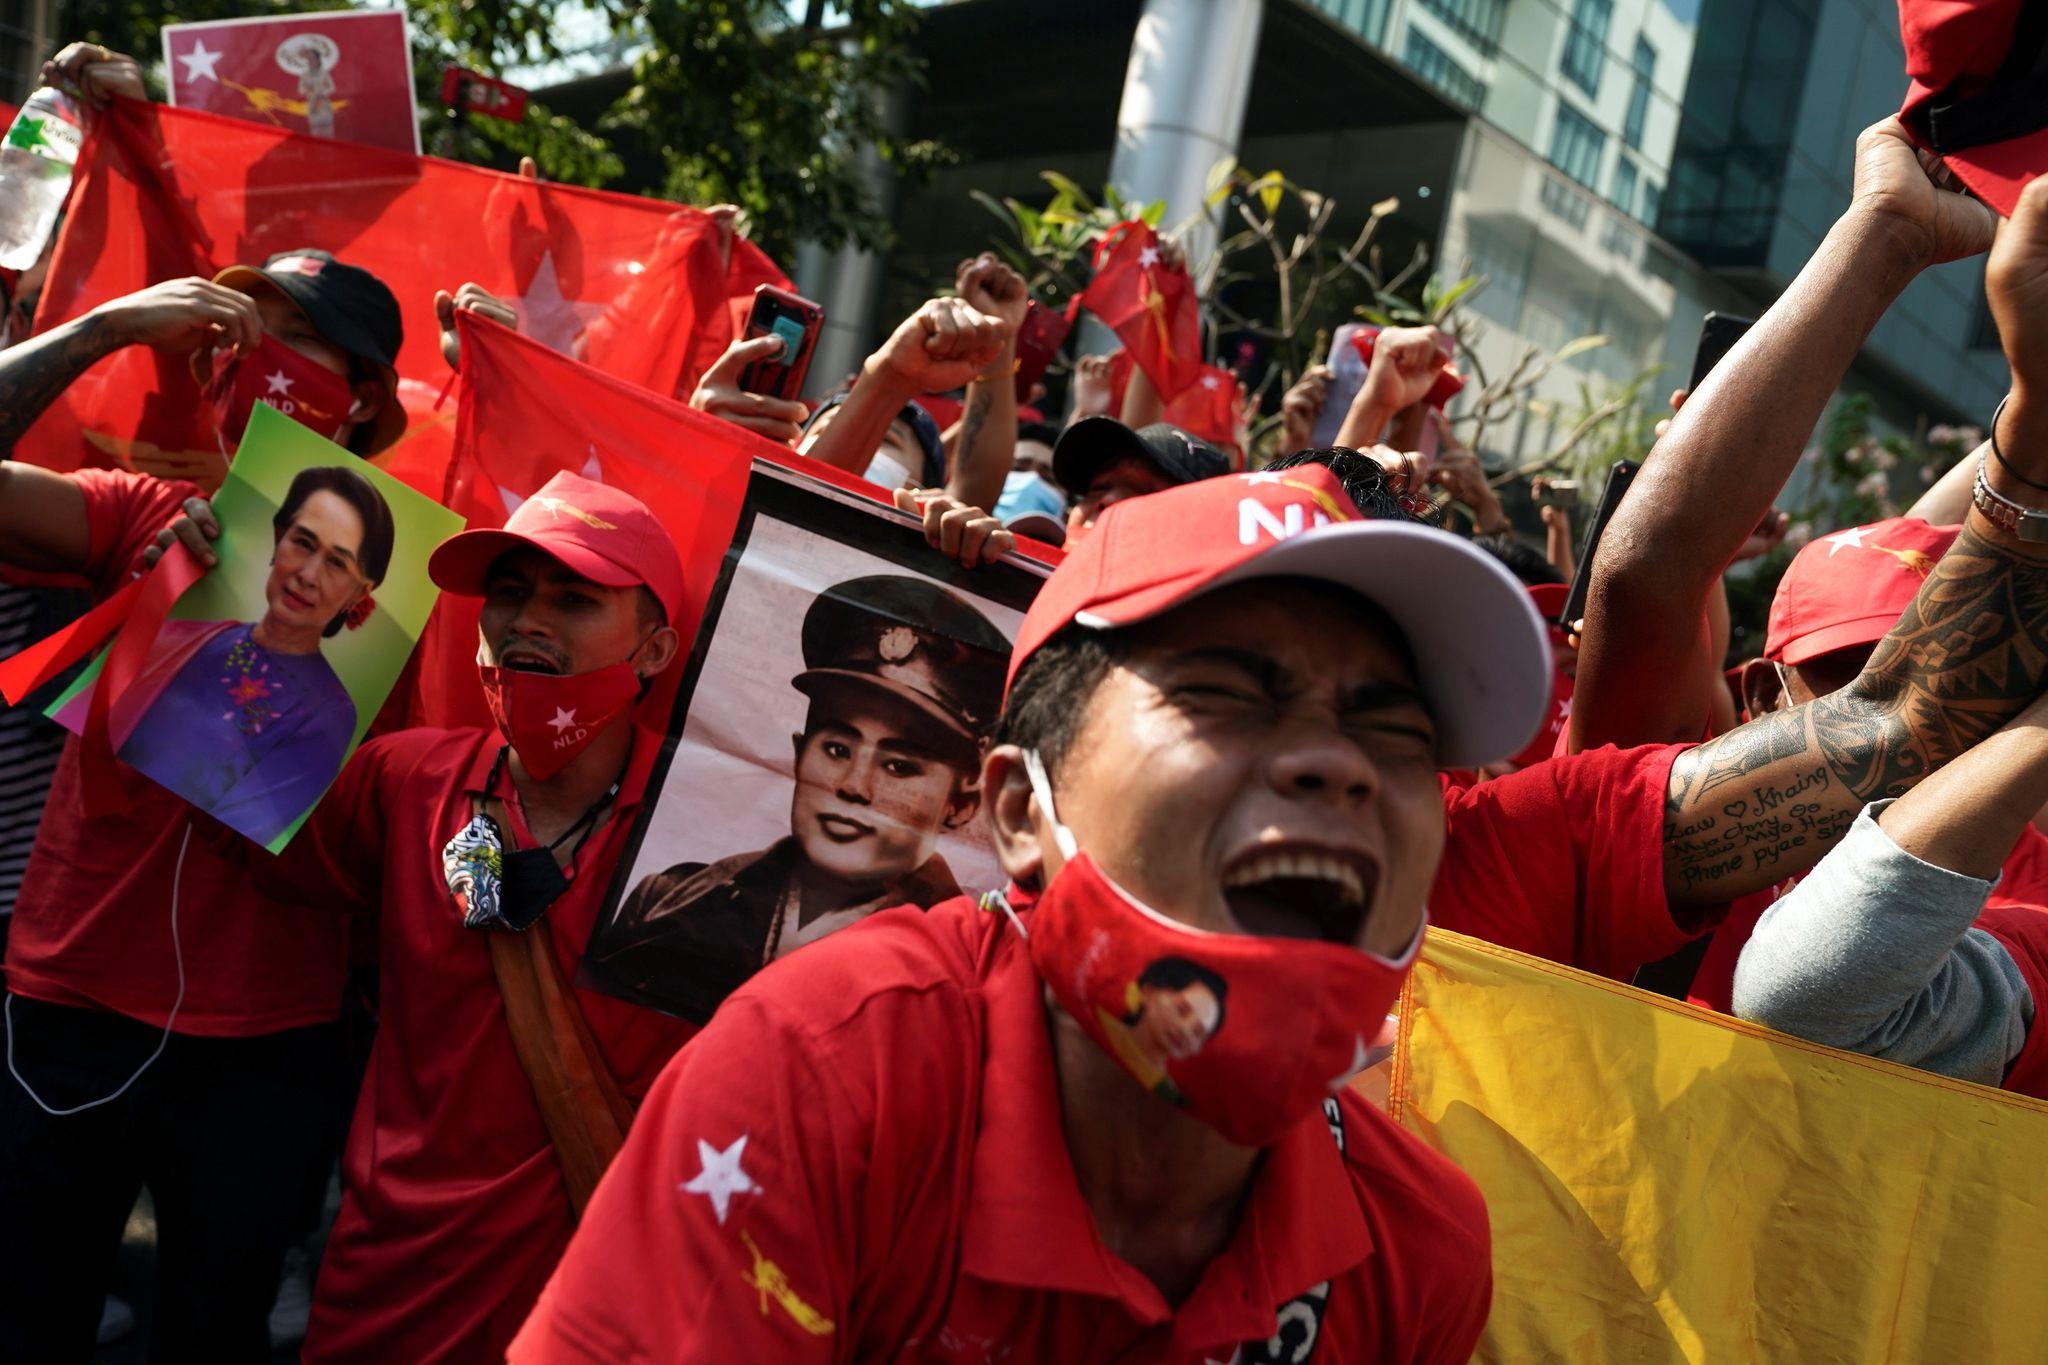 Người ủng hộ NLD biểu tình trước đại sứ quán Myanmar tại thủ đô Bangkok của Thái Lan sau vụ đảo chính. Ảnh: Reuters.